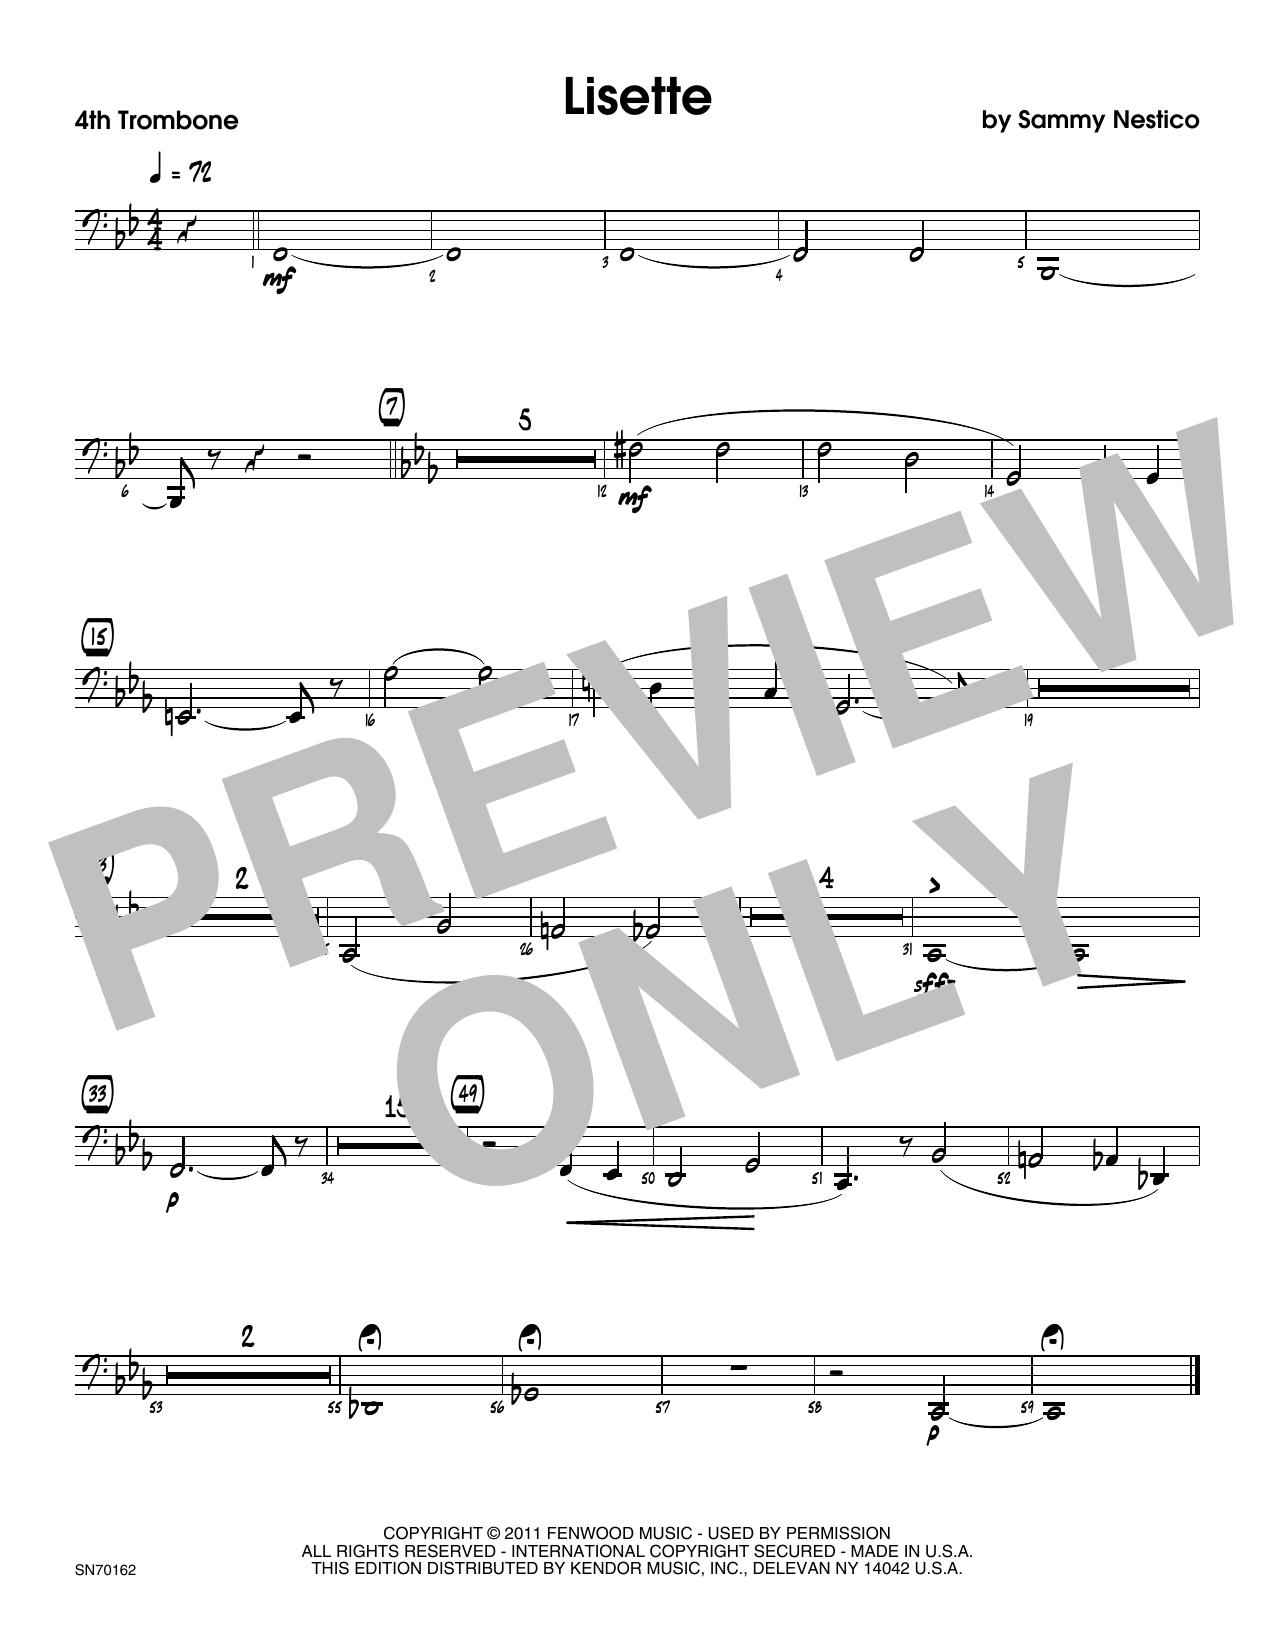 Lisette - 4th Trombone Sheet Music